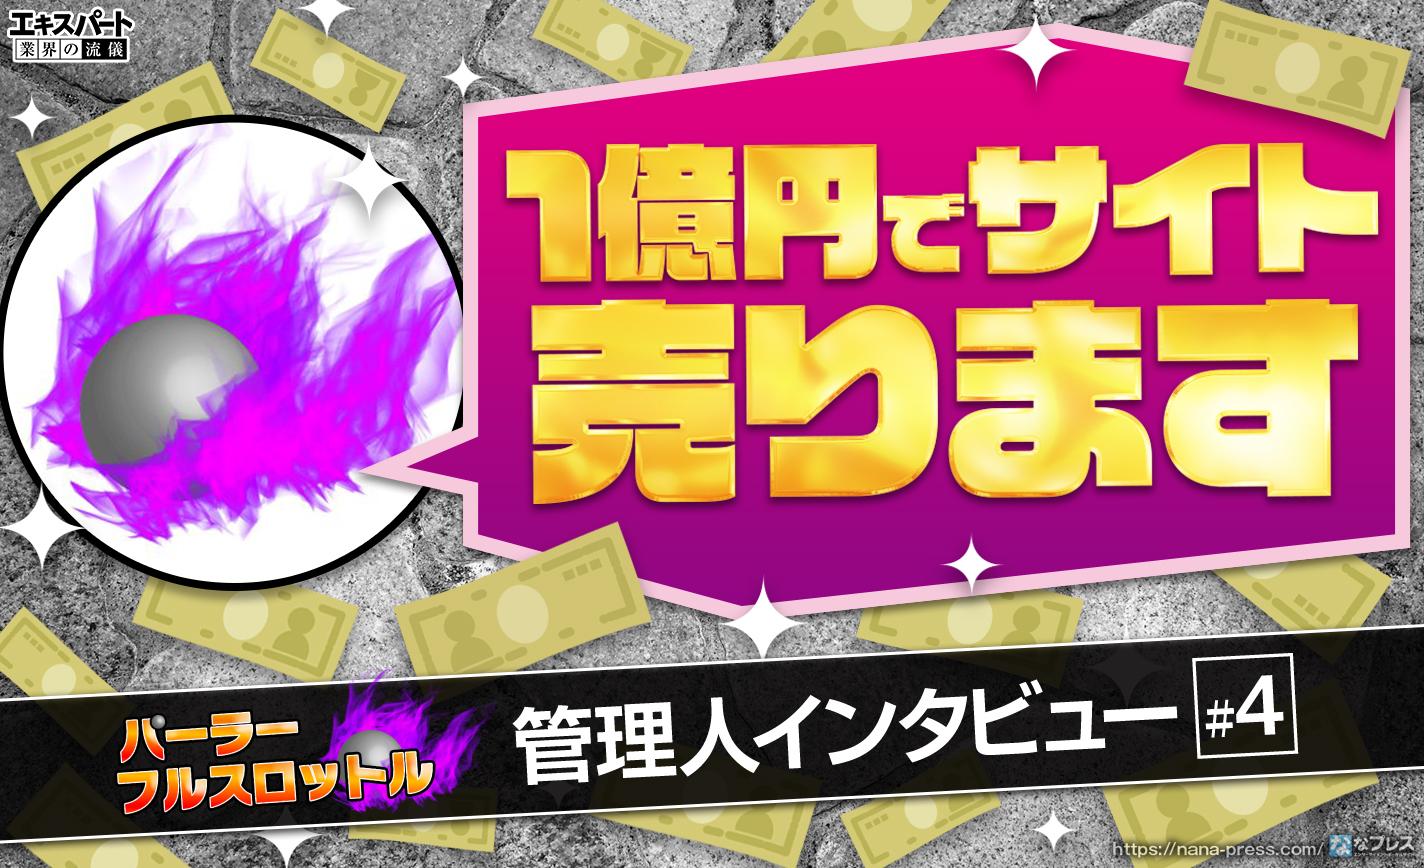 パーラーフルスロットル売ります!価格は1億円と月給50万円!?